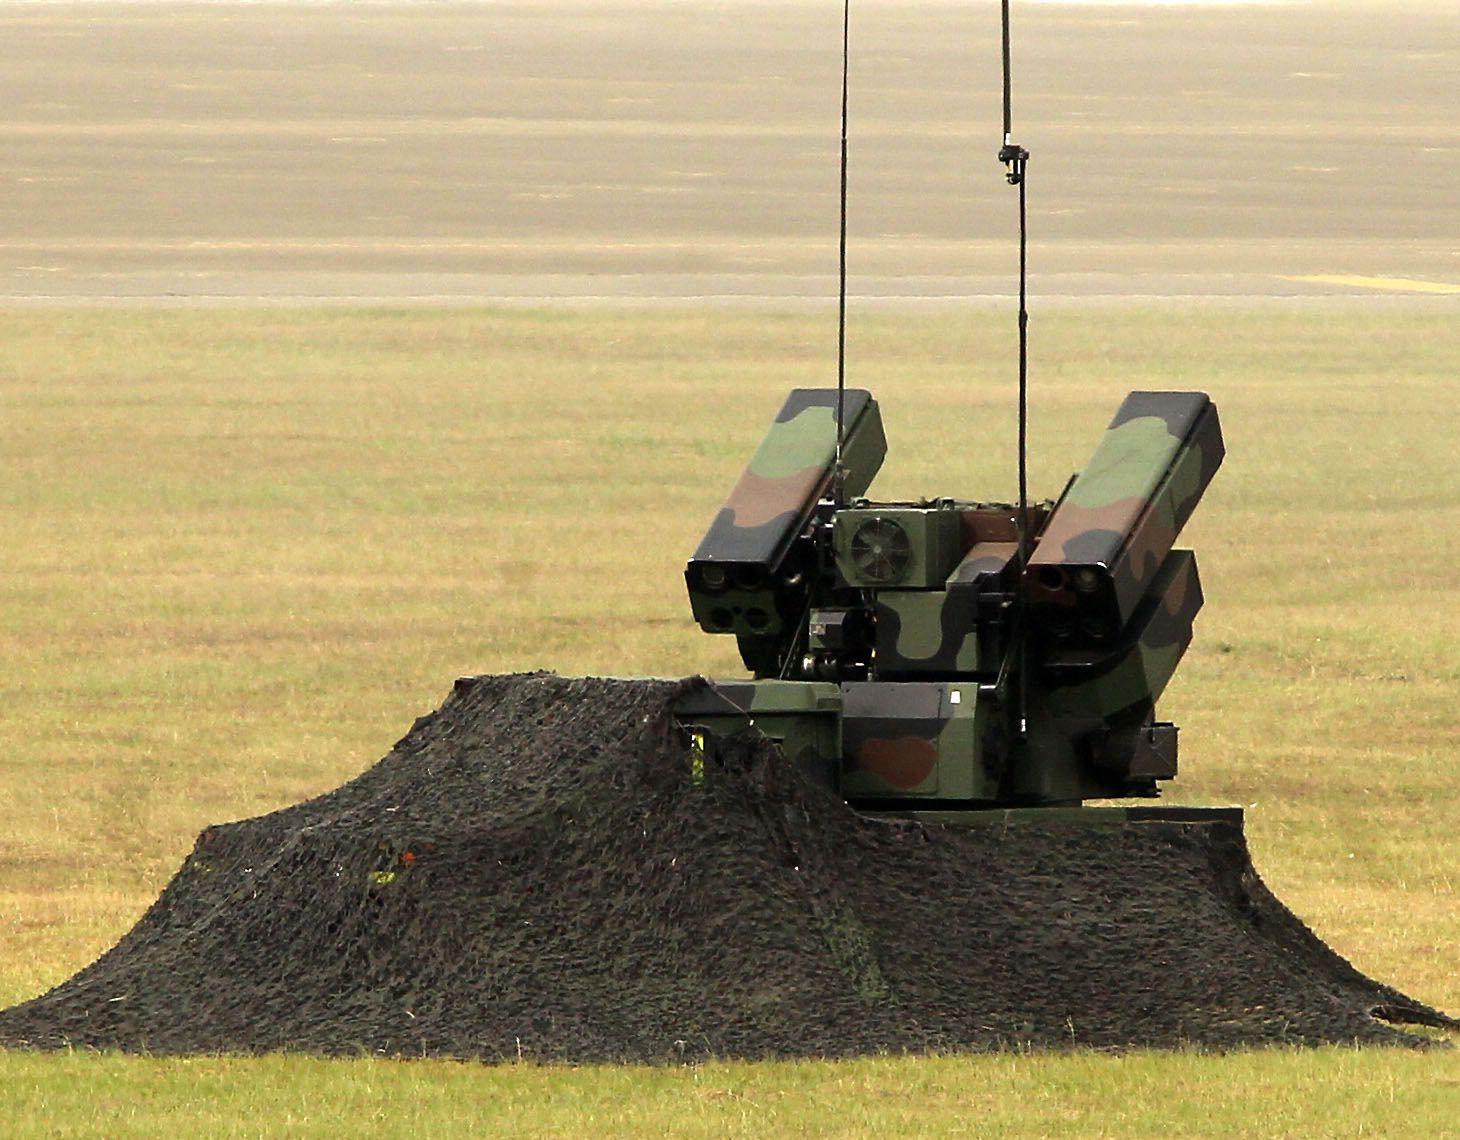 漢光34演習反空降復仇者飛彈進入陣地。(記者邱榮吉/清泉崗拍攝)